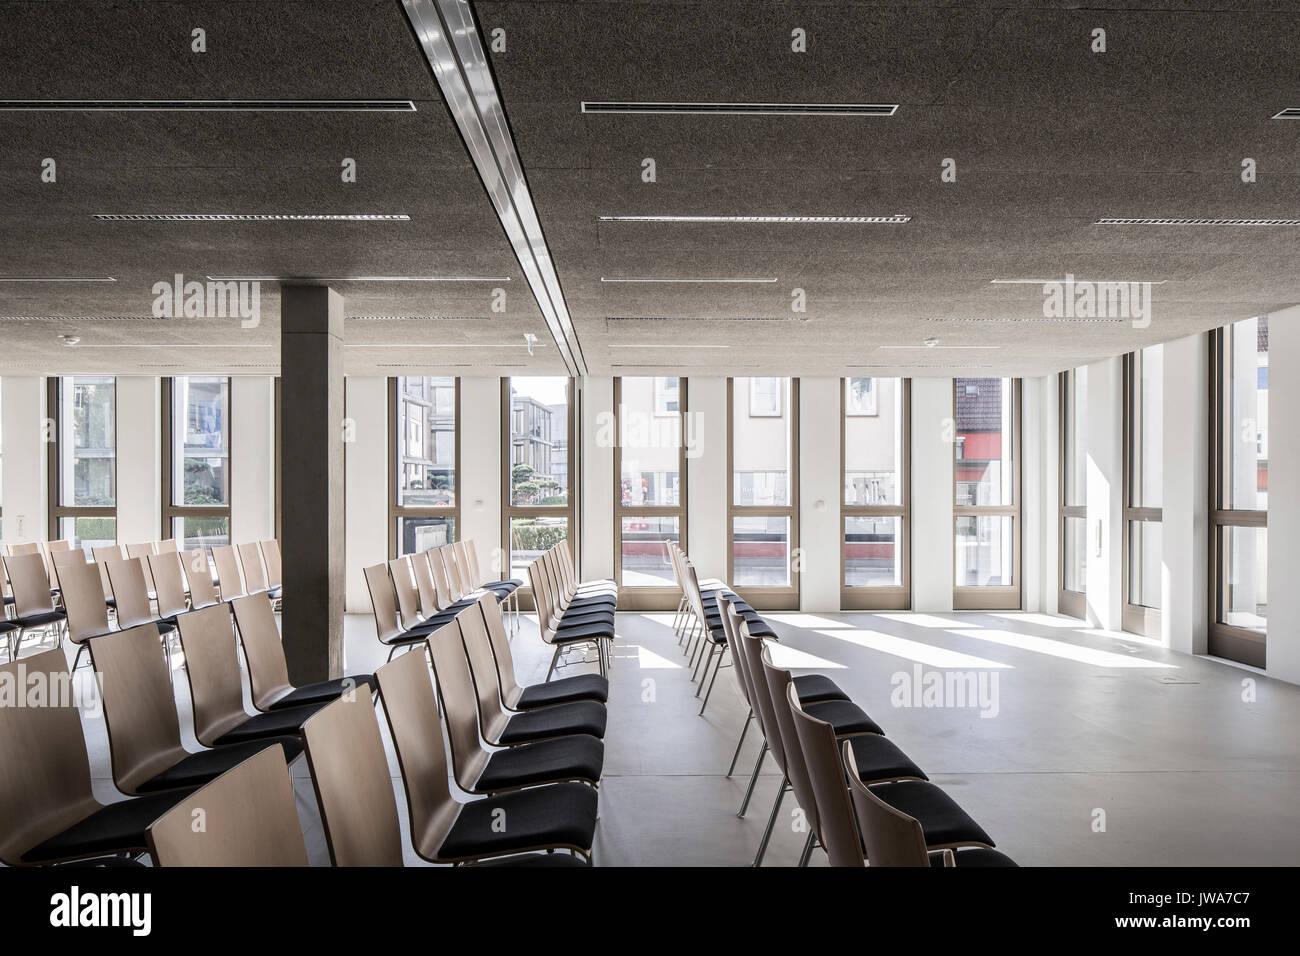 Architekten Biberach meeting room with fenestration finanzamt finance office biberach